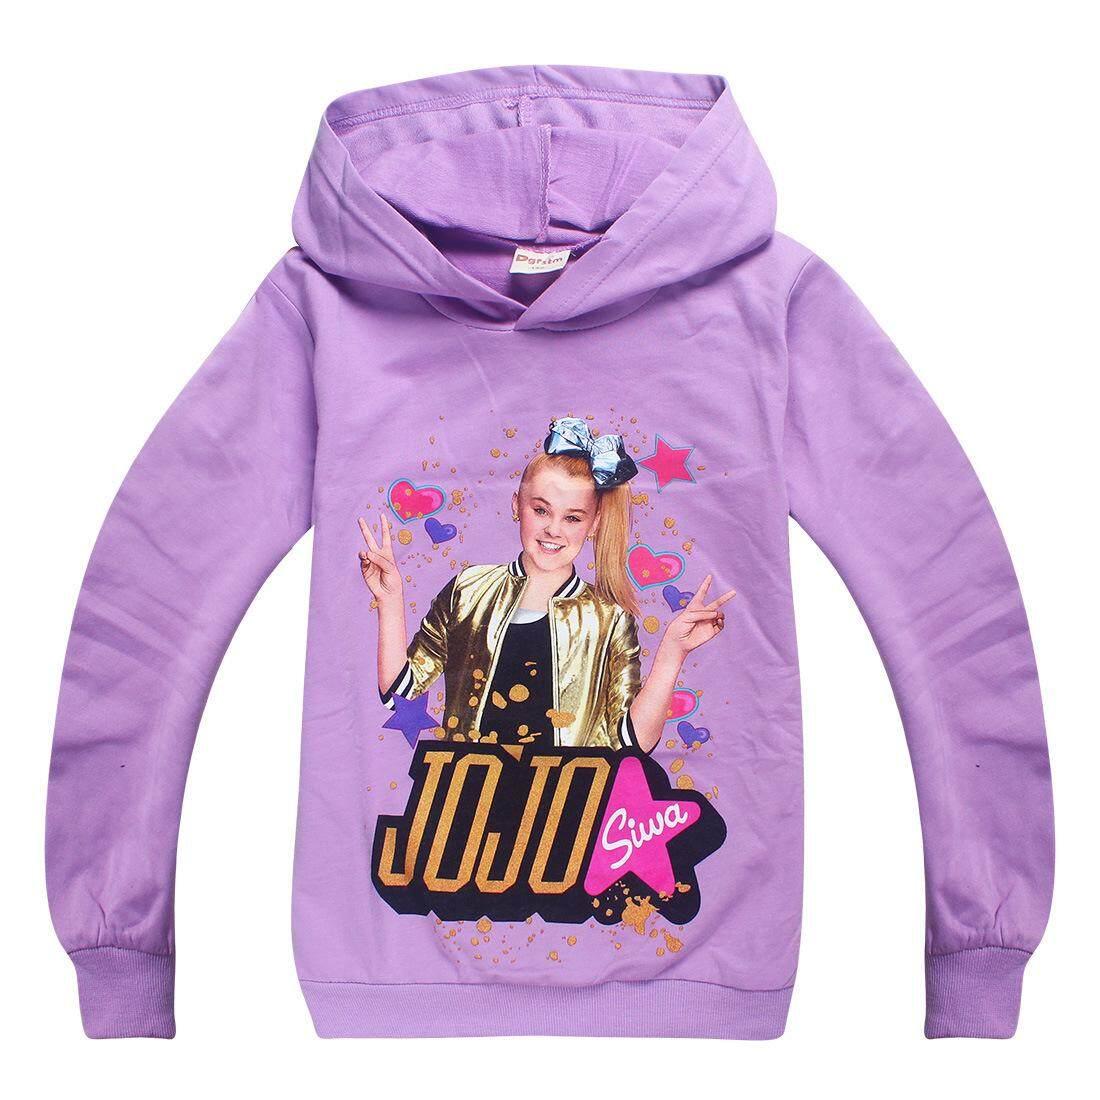 acd85ac36 Jojo Siwa Cute Kids Girl Long Sleeve Pullover Sweatshirt Hoodie Tops Shirt